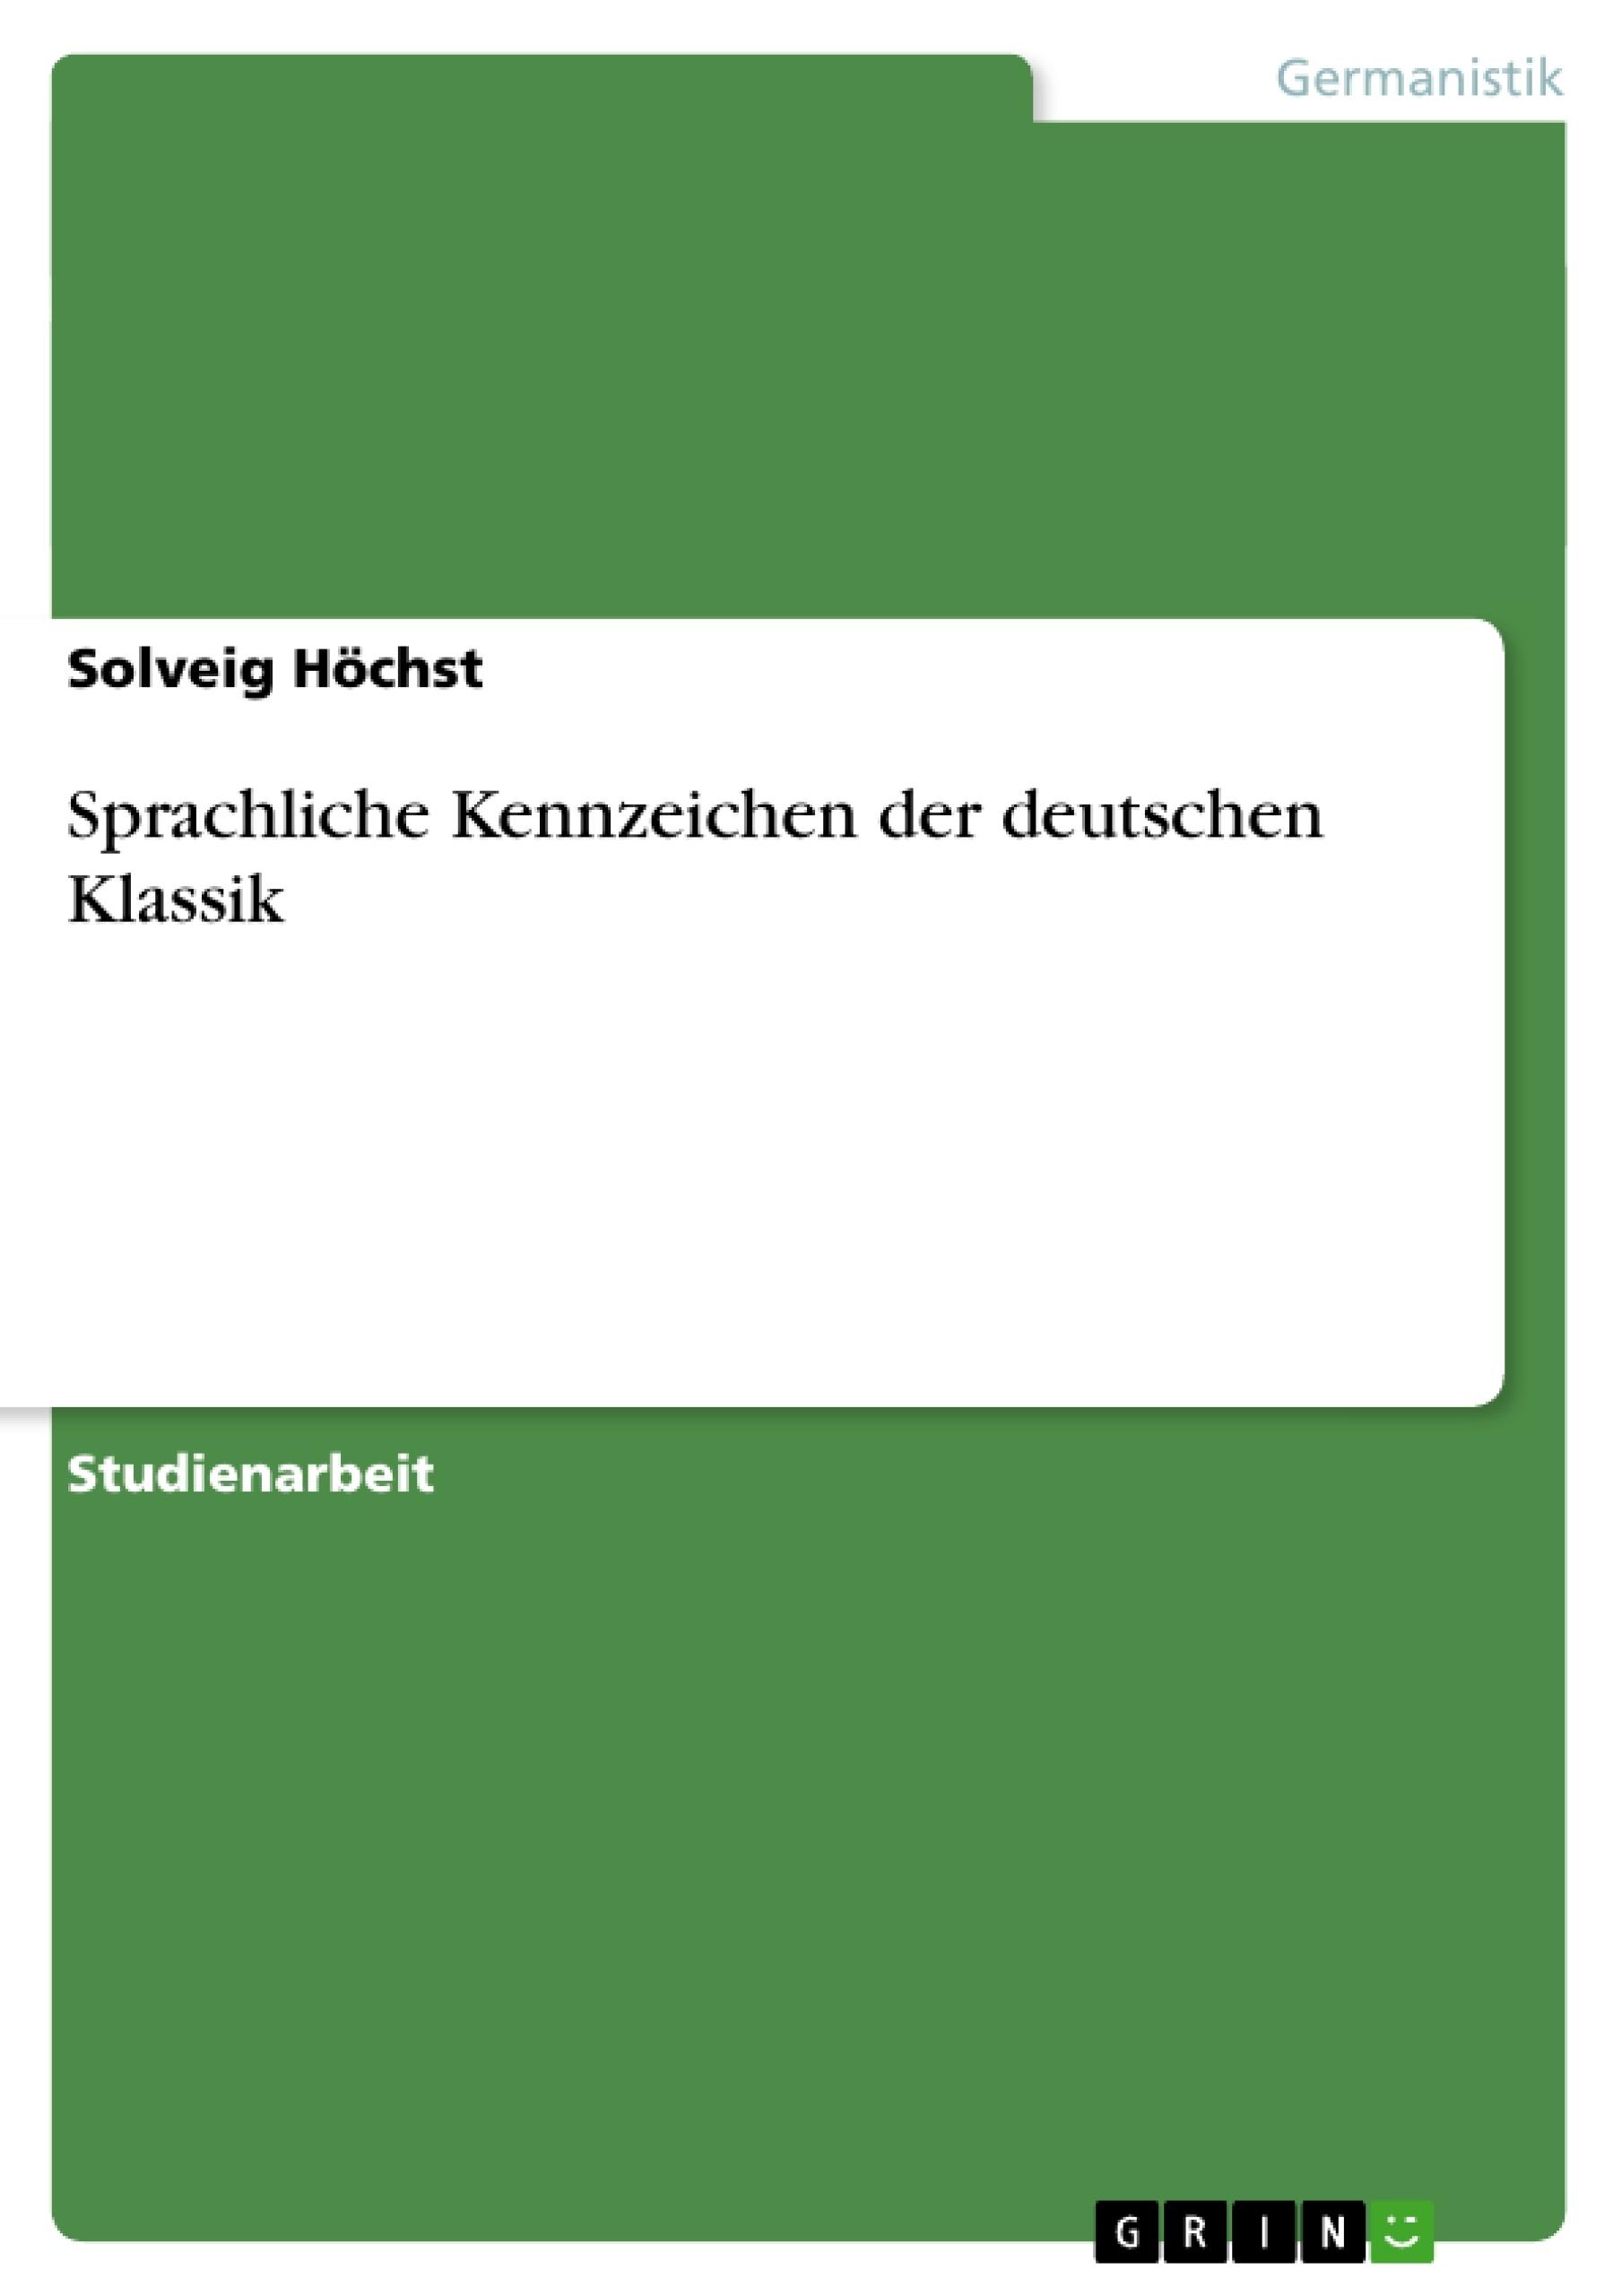 Titel: Sprachliche Kennzeichen der deutschen Klassik